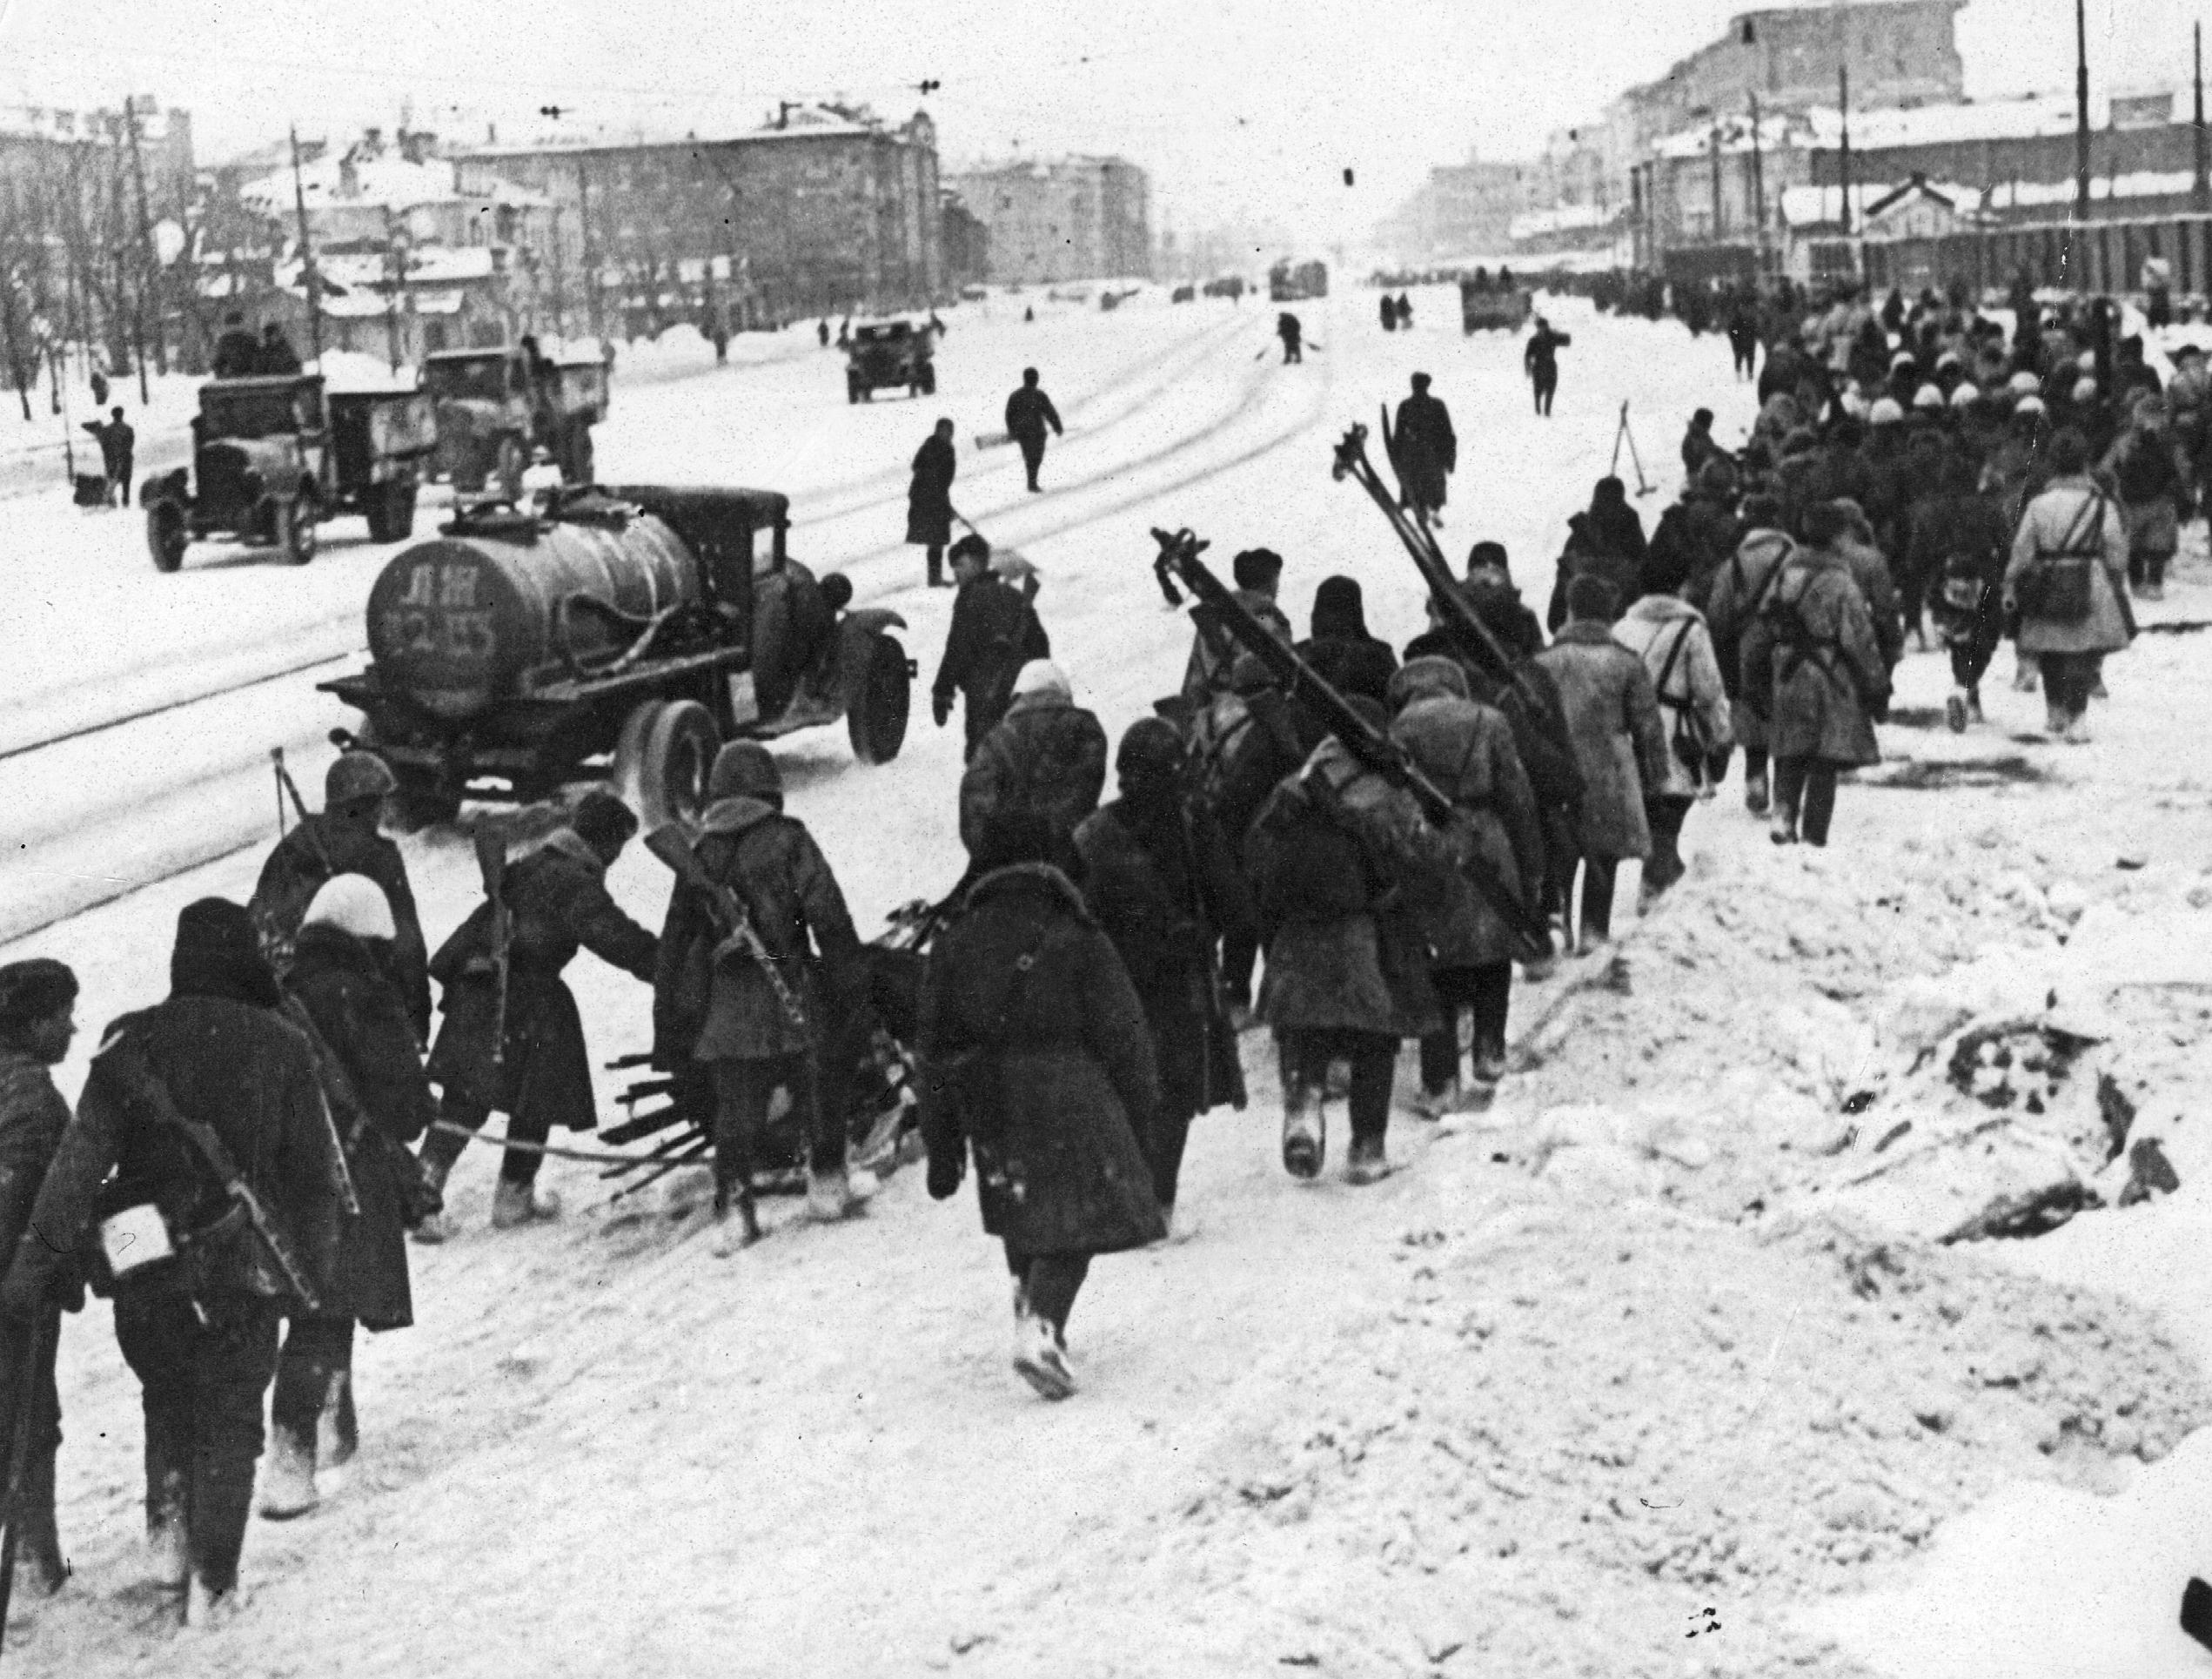 В них действительно интересная детализация: историк оценил публикацию архивных документов о блокаде Ленинграда